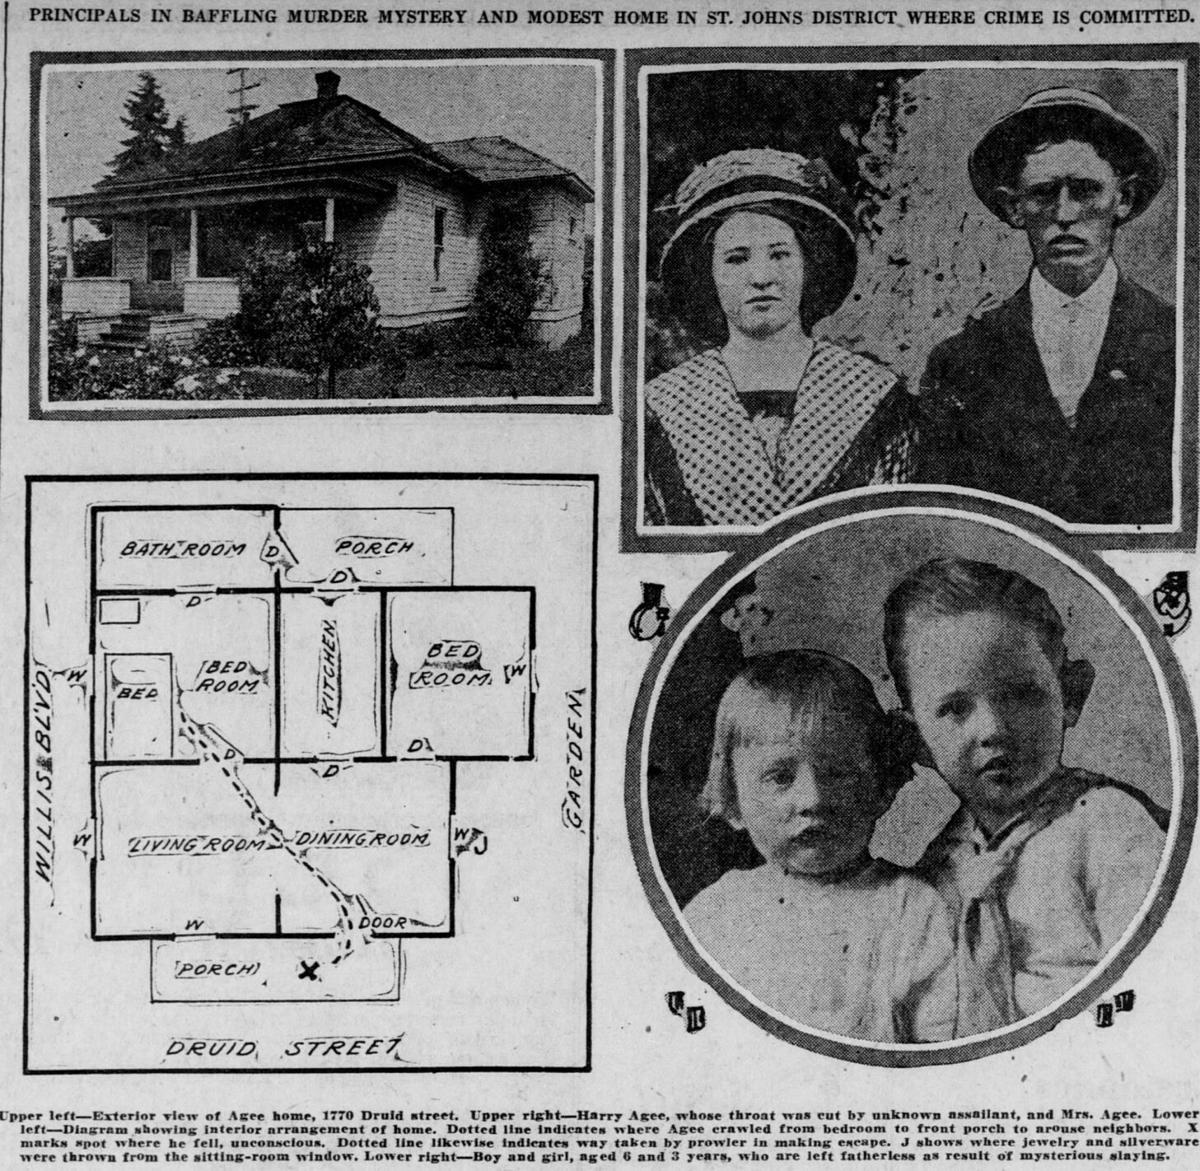 Sordid Portland slasher murder still baffling 100 years later